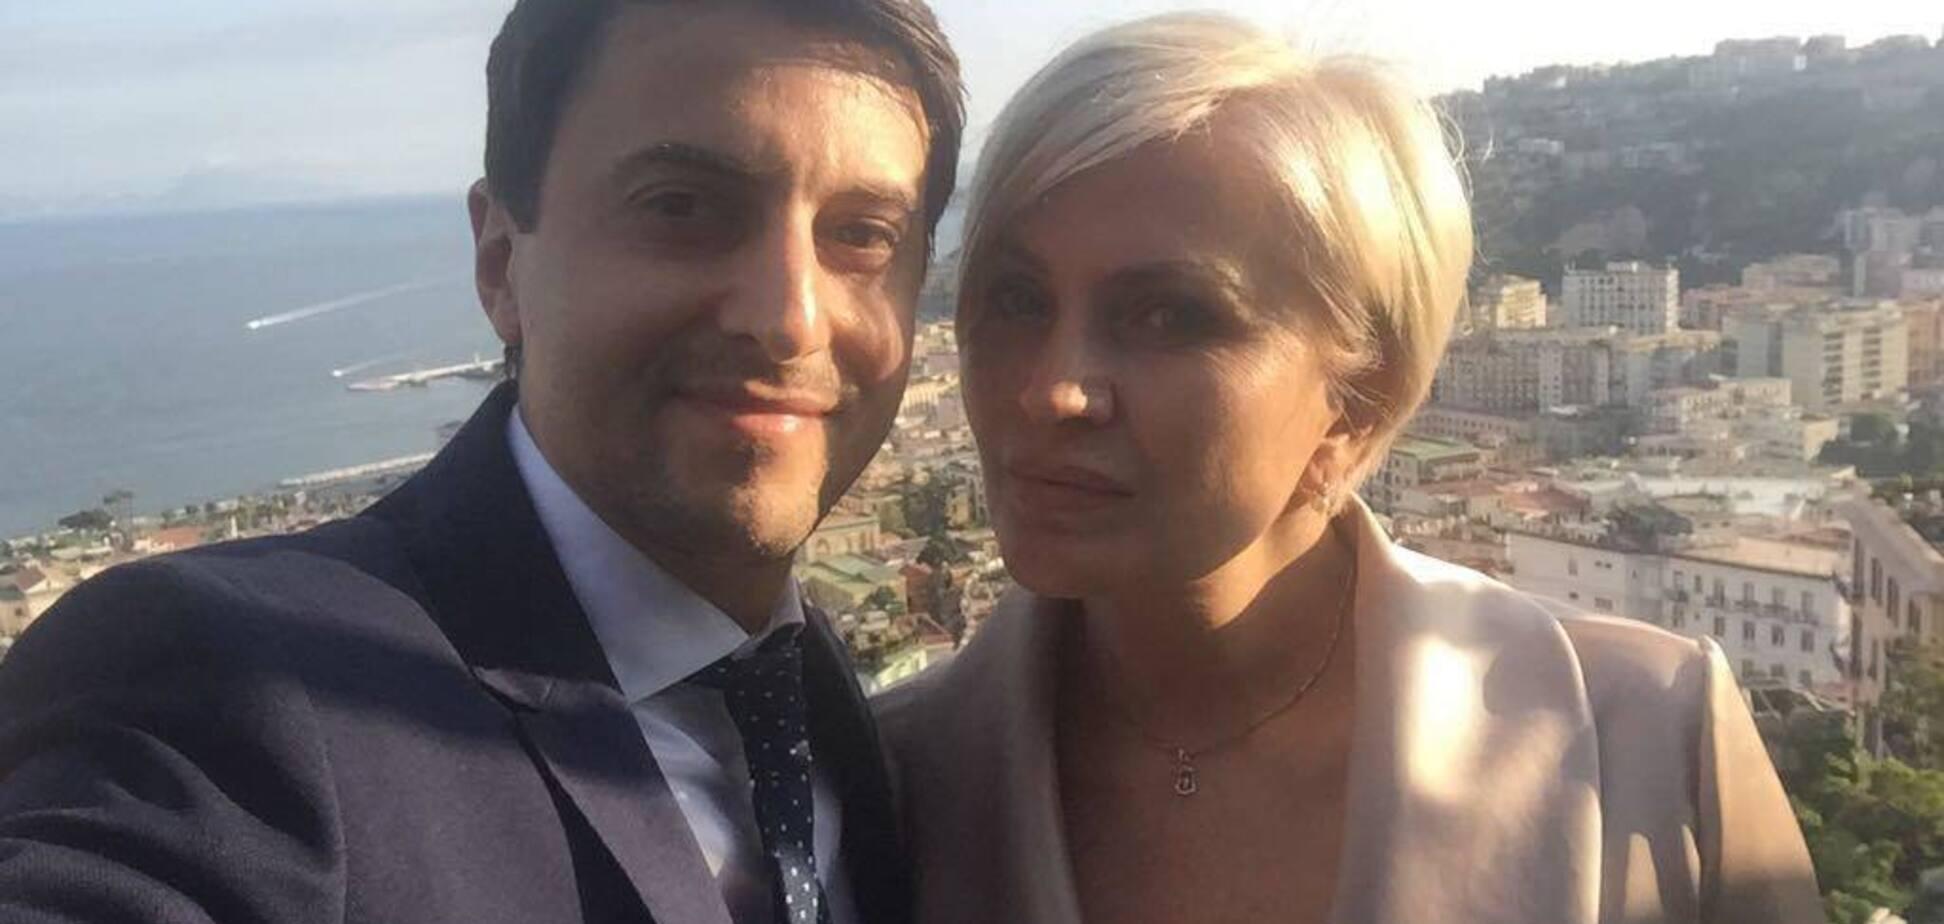 Обвал моста в Генуе: украинка чудом выжила после падения с высоты 80 м